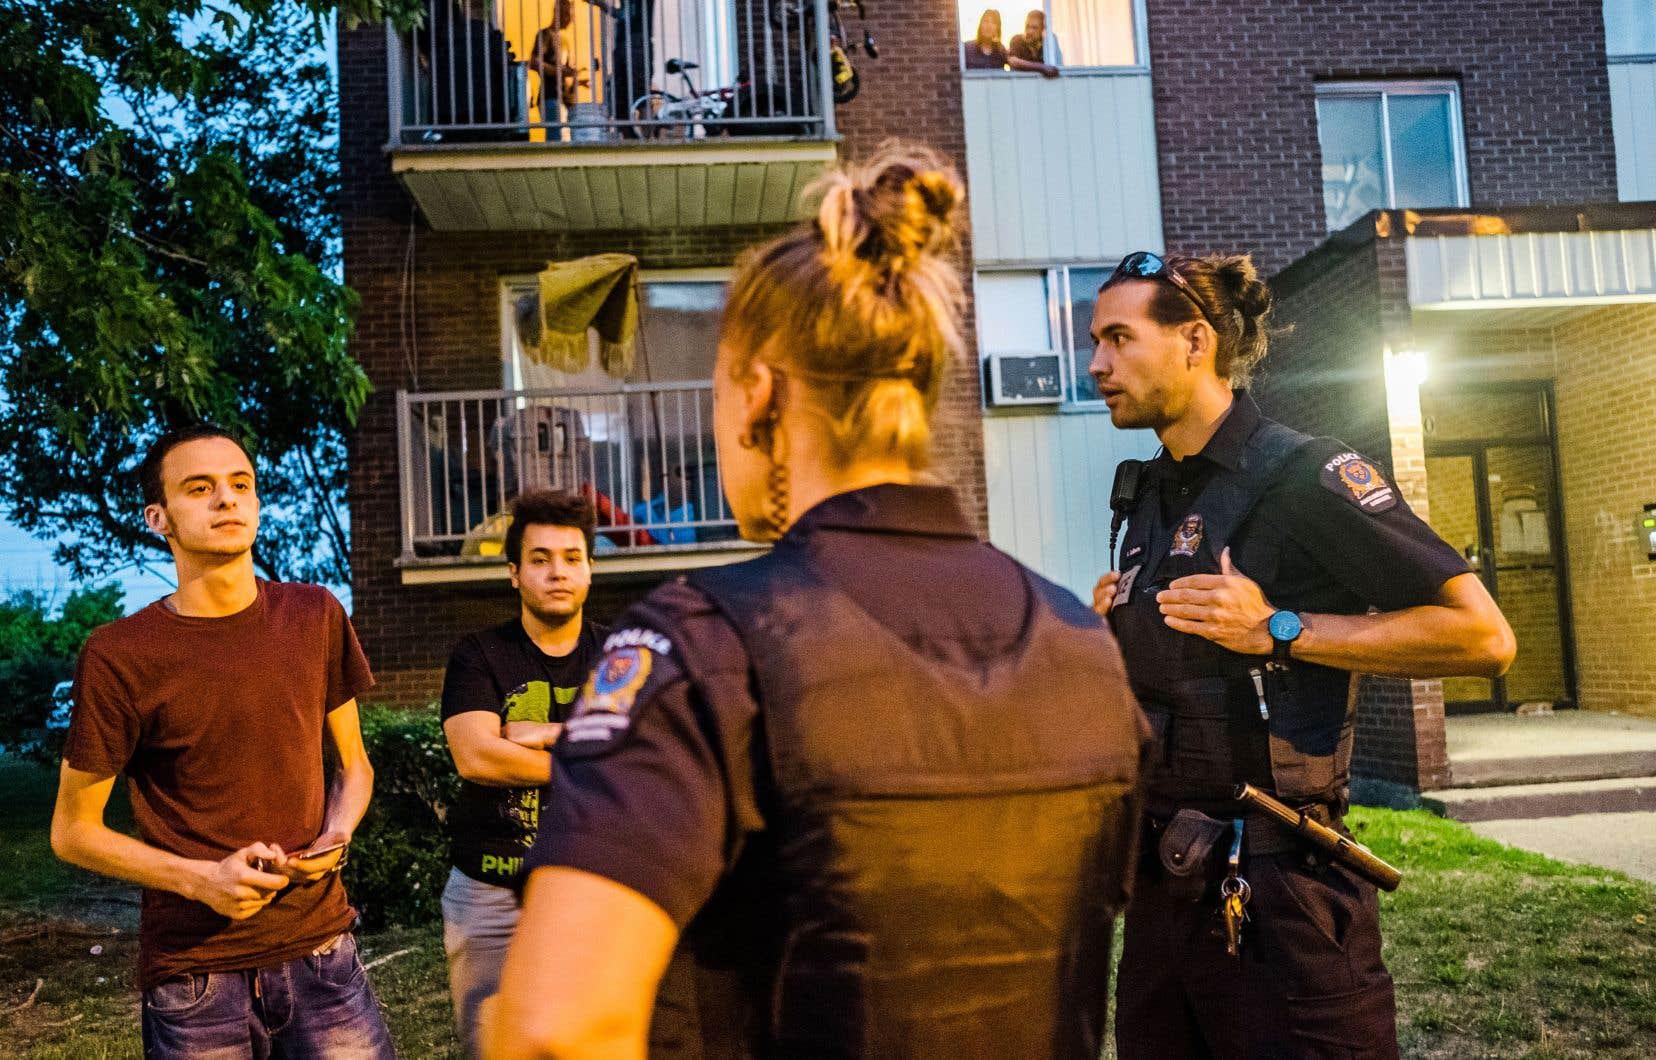 Marie-Josée Roy et Antoine Laliberté répondent à un appel dénonçant une situation conflictuelle entre voisins.